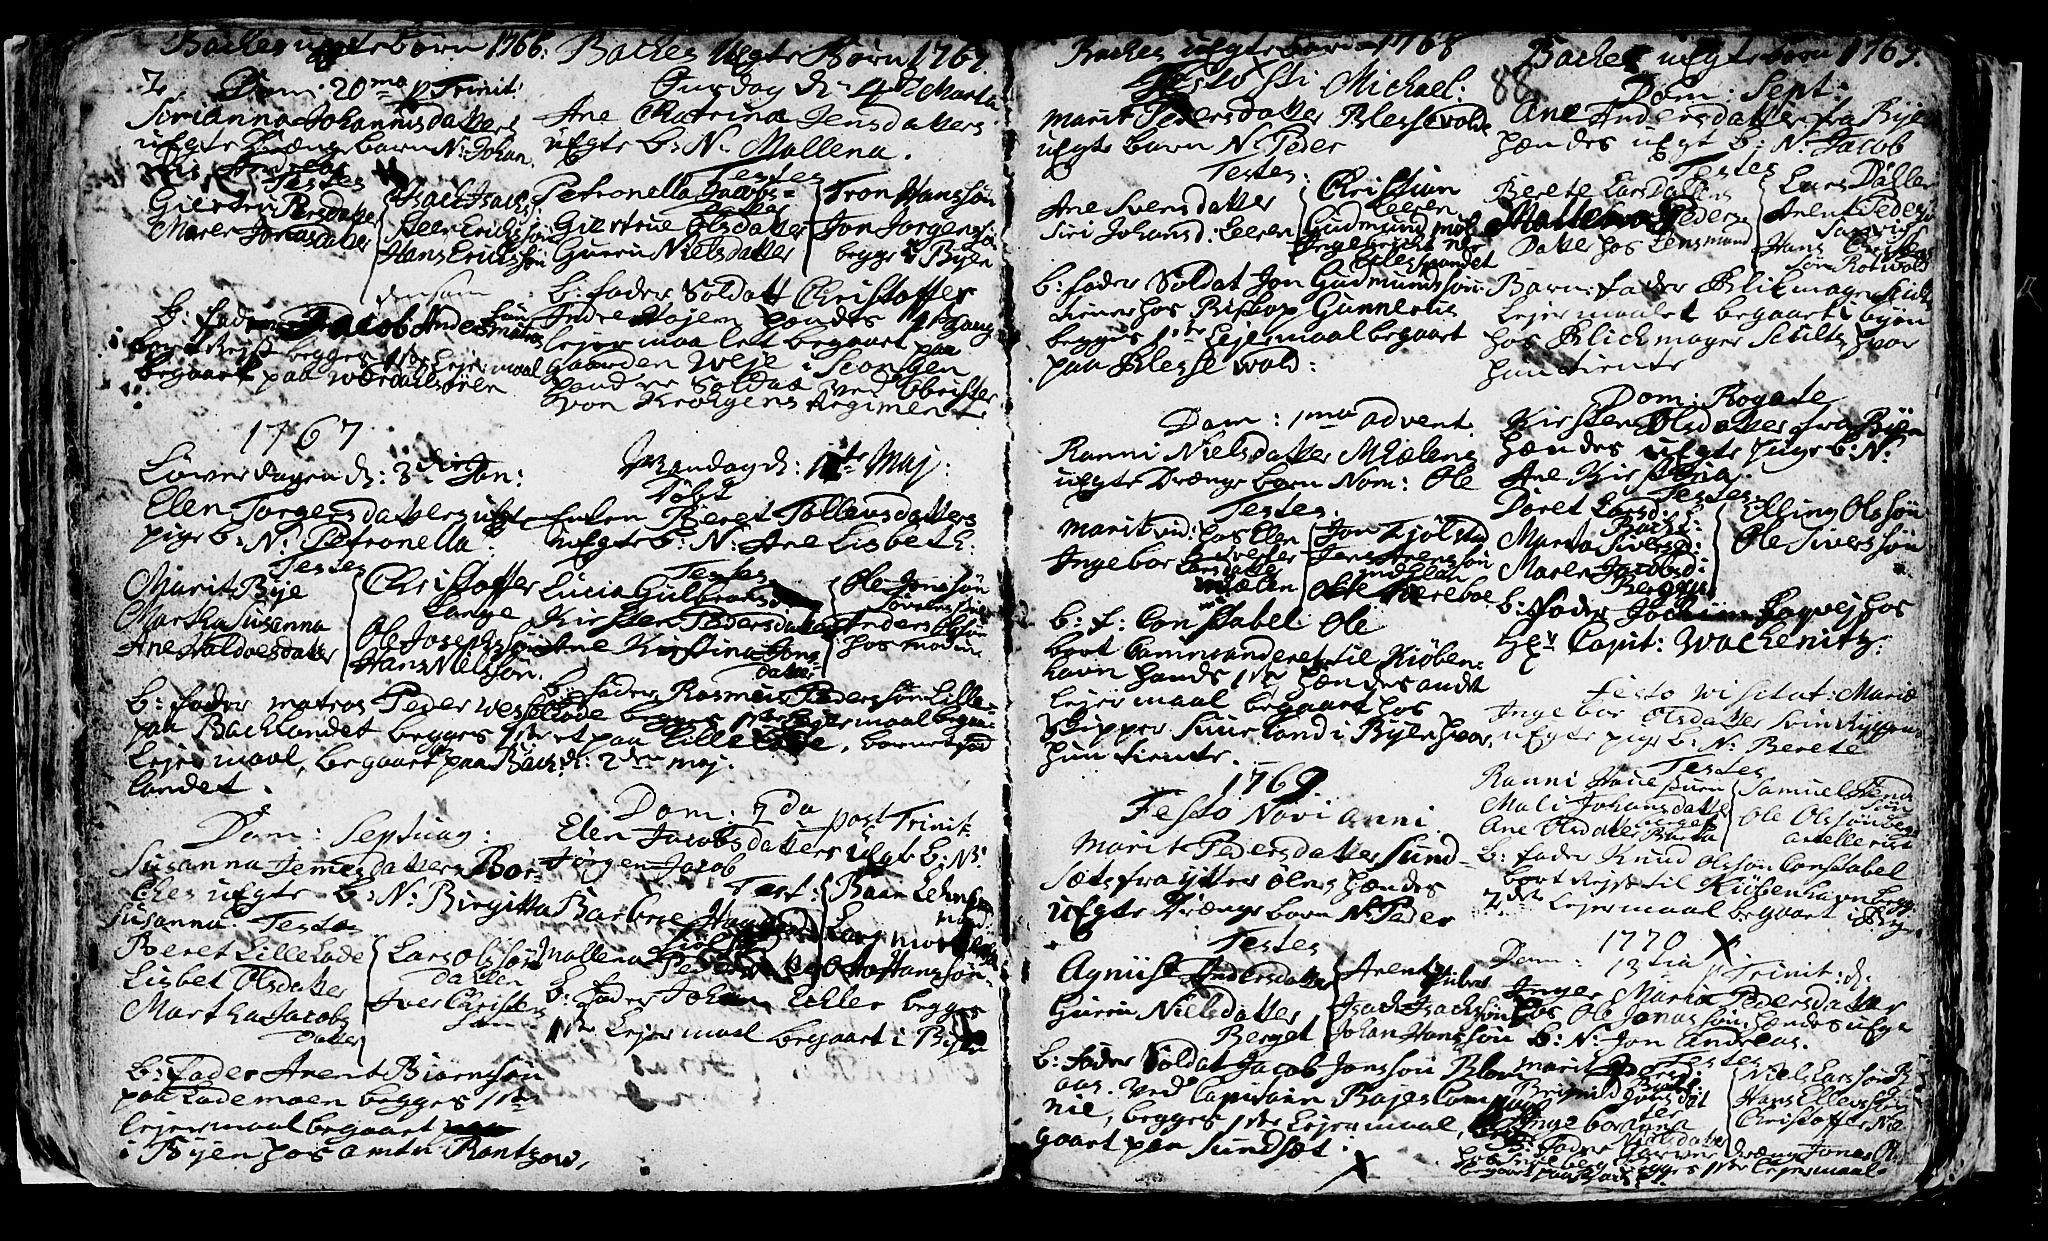 SAT, Ministerialprotokoller, klokkerbøker og fødselsregistre - Sør-Trøndelag, 604/L0218: Klokkerbok nr. 604C01, 1754-1819, s. 88